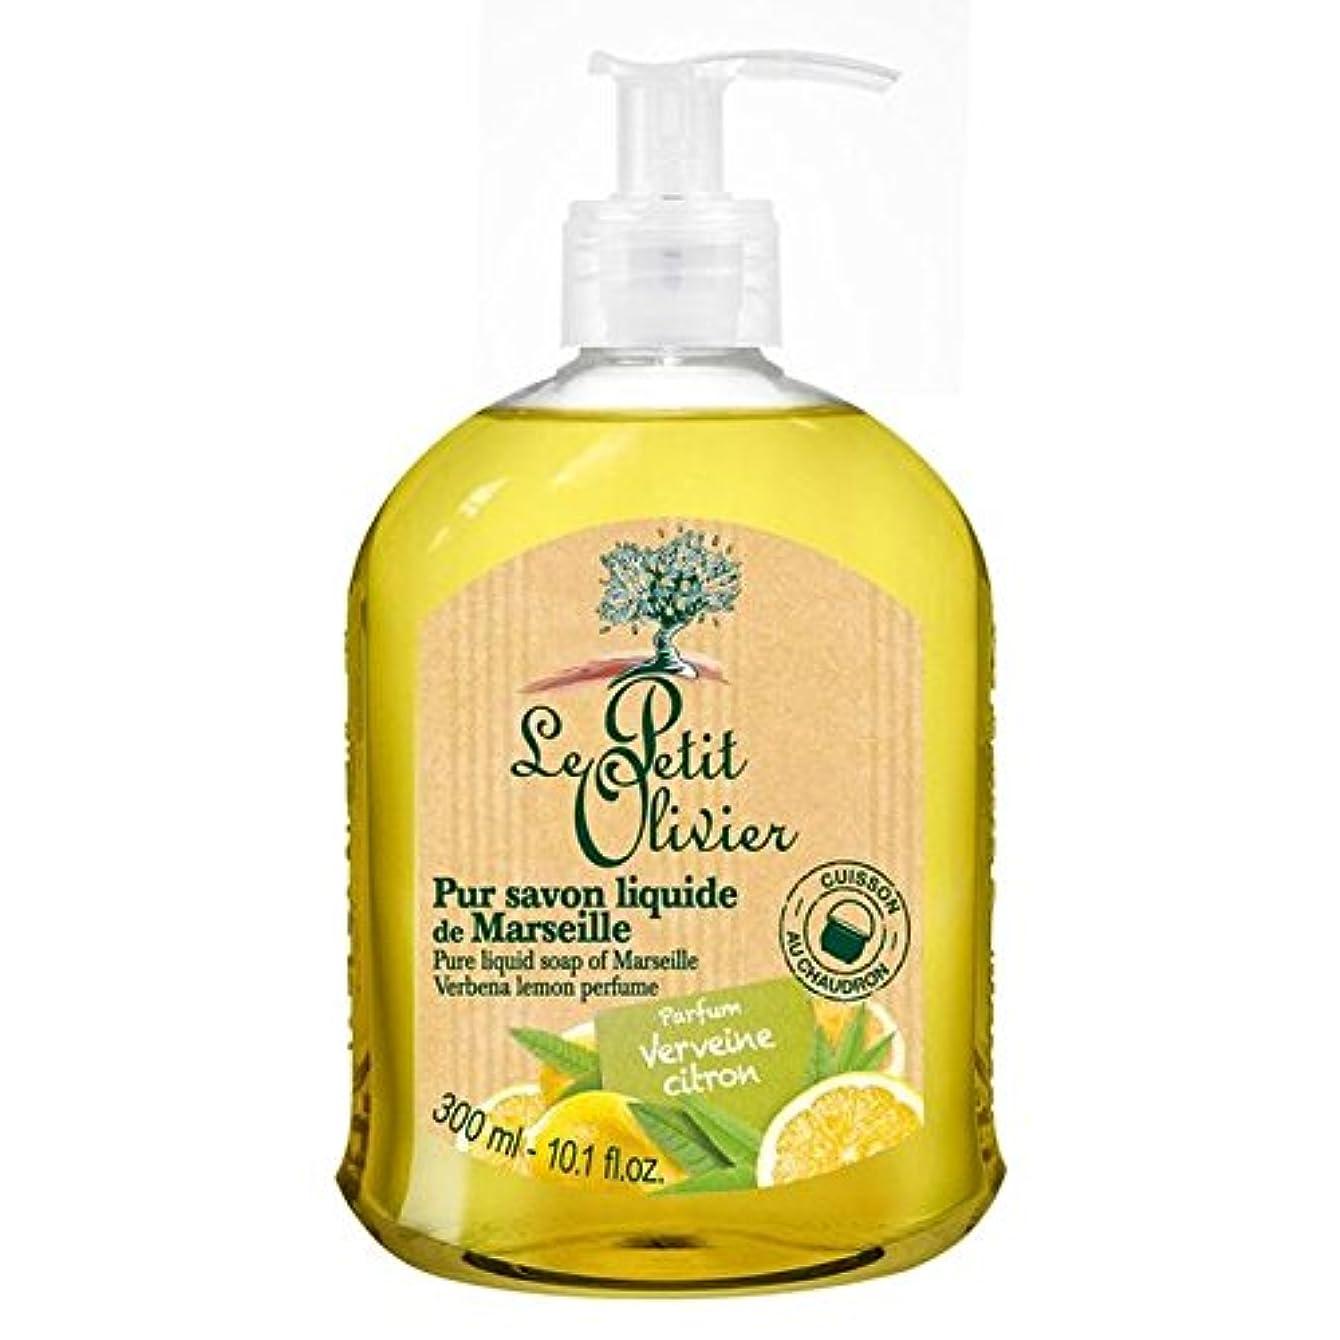 規則性事故カバレッジLe Petit Olivier Pure Liquid Soap of Marseille, Verbena Lemon 300ml - マルセイユのル?プティ?オリヴィエ純粋な液体石鹸、バーベナレモン300ミリリットル...